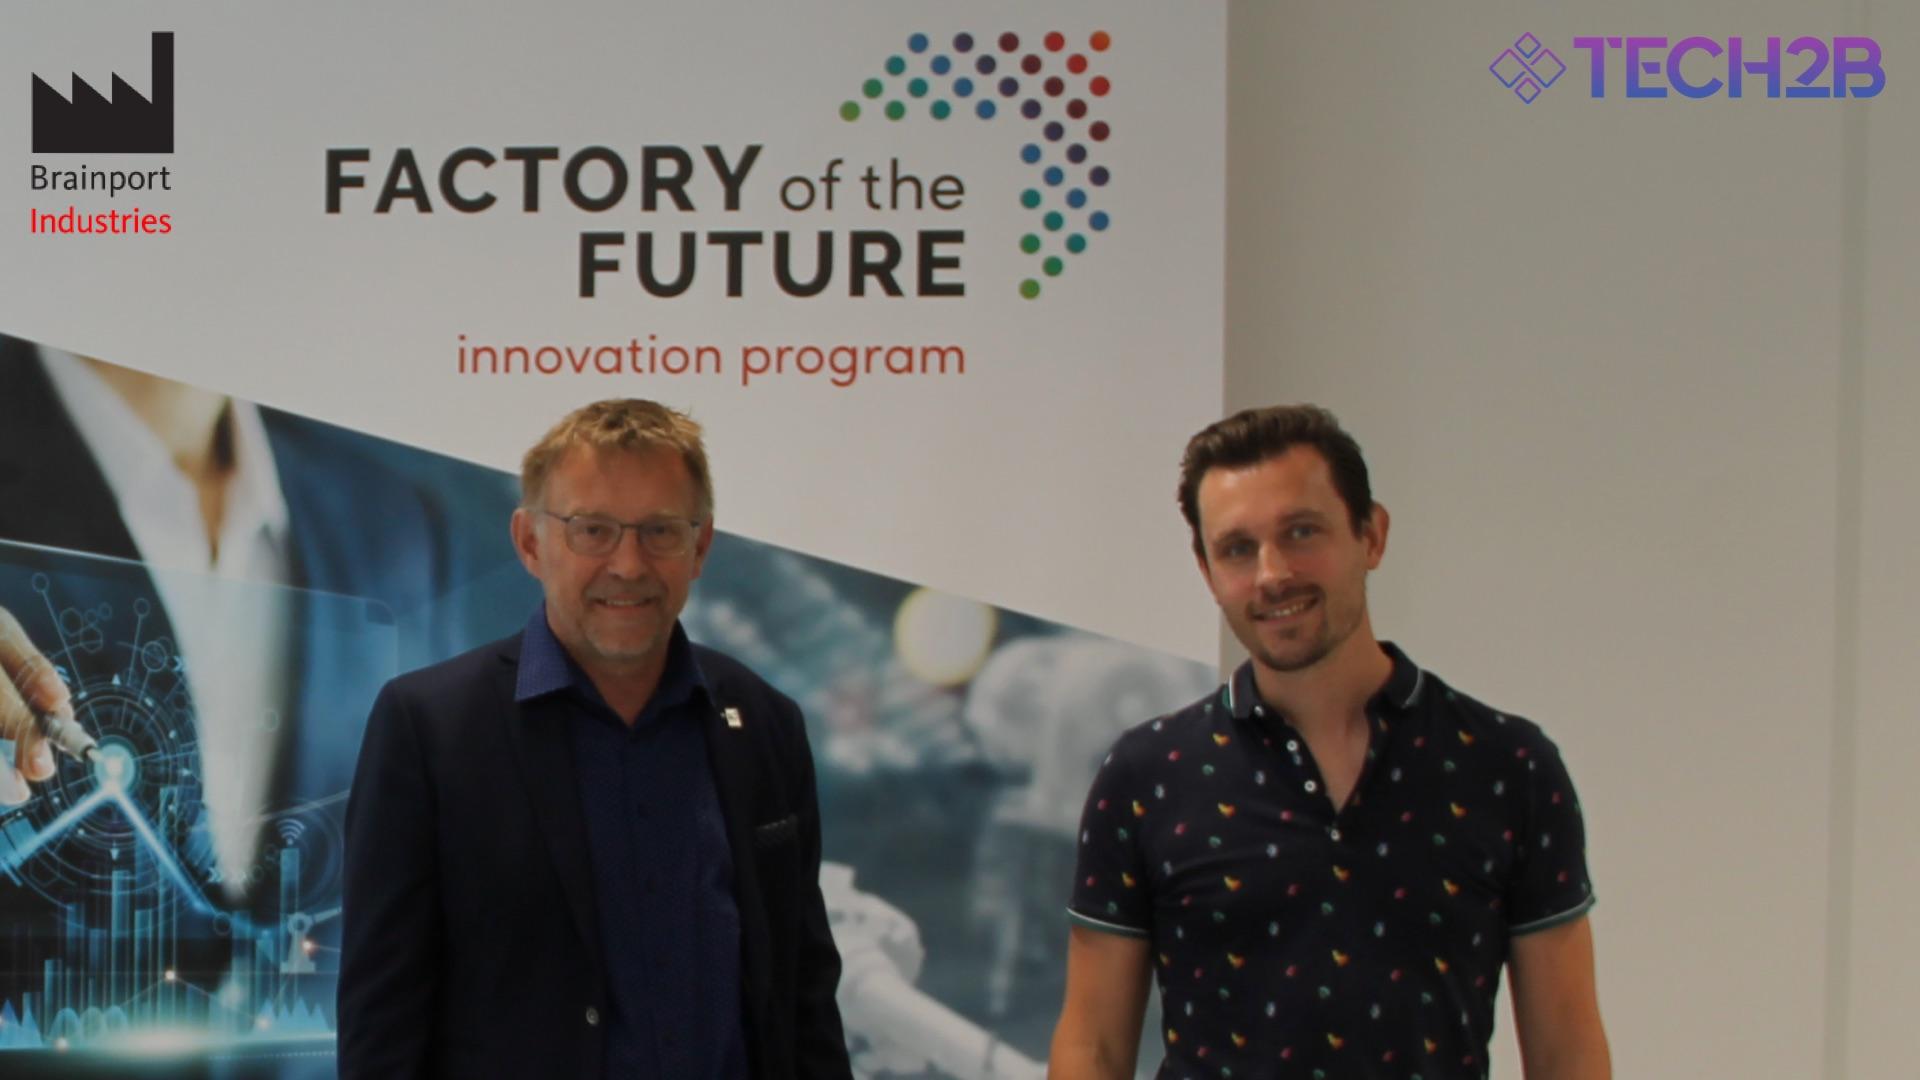 John Blankendaal - Sjors Hooijen - Brainport Industries - Tech2B